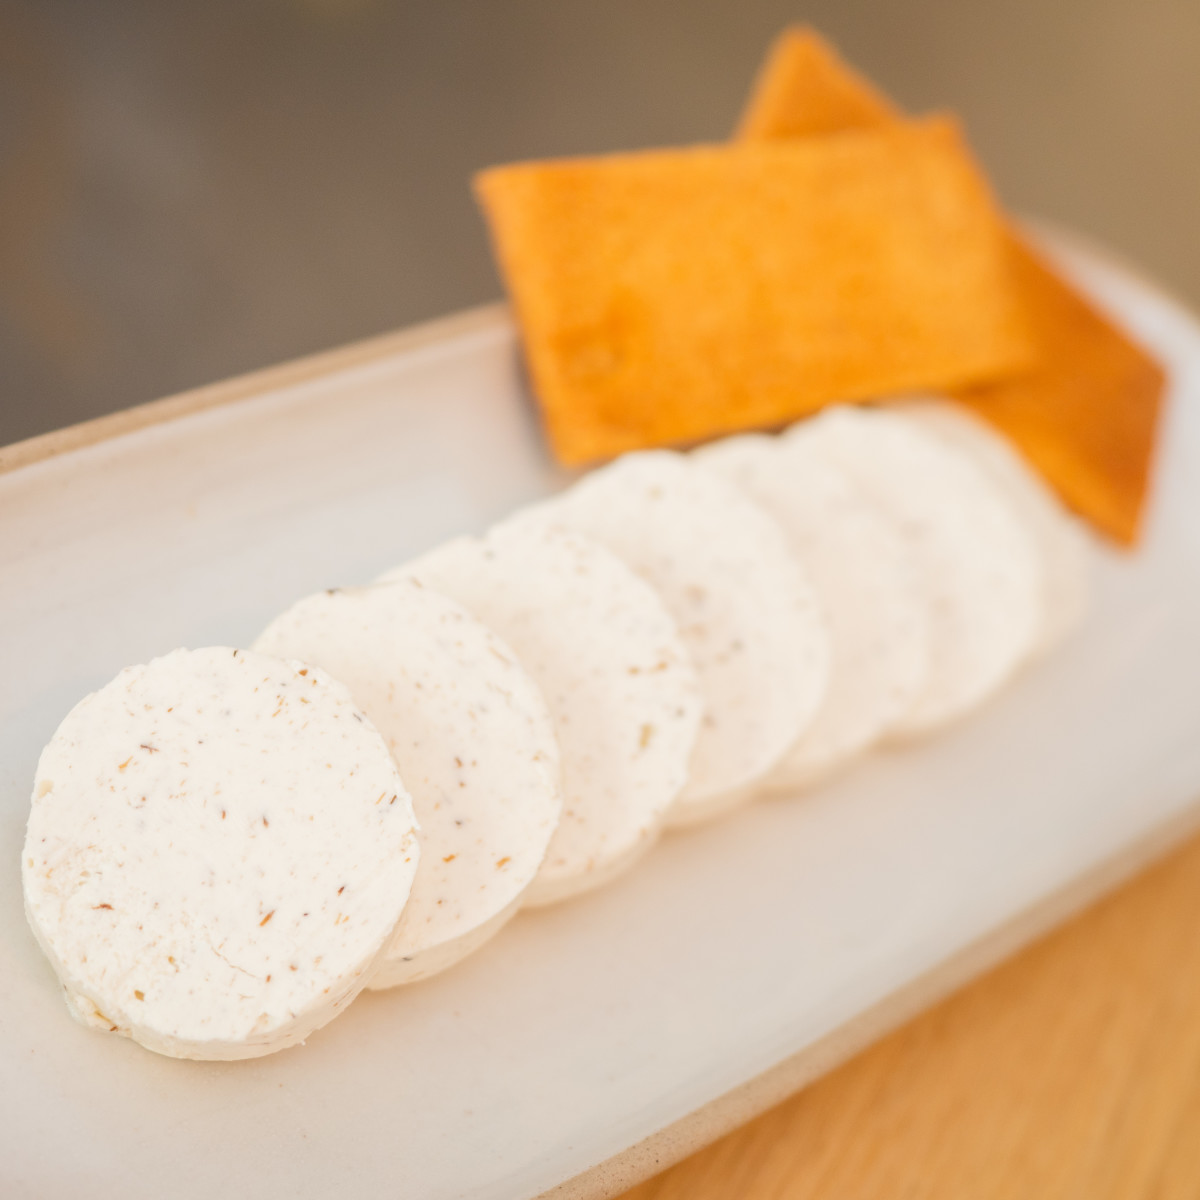 Mantequilla de trufa by Mint: 100 gramos de mantequilla aromatizada con trufa